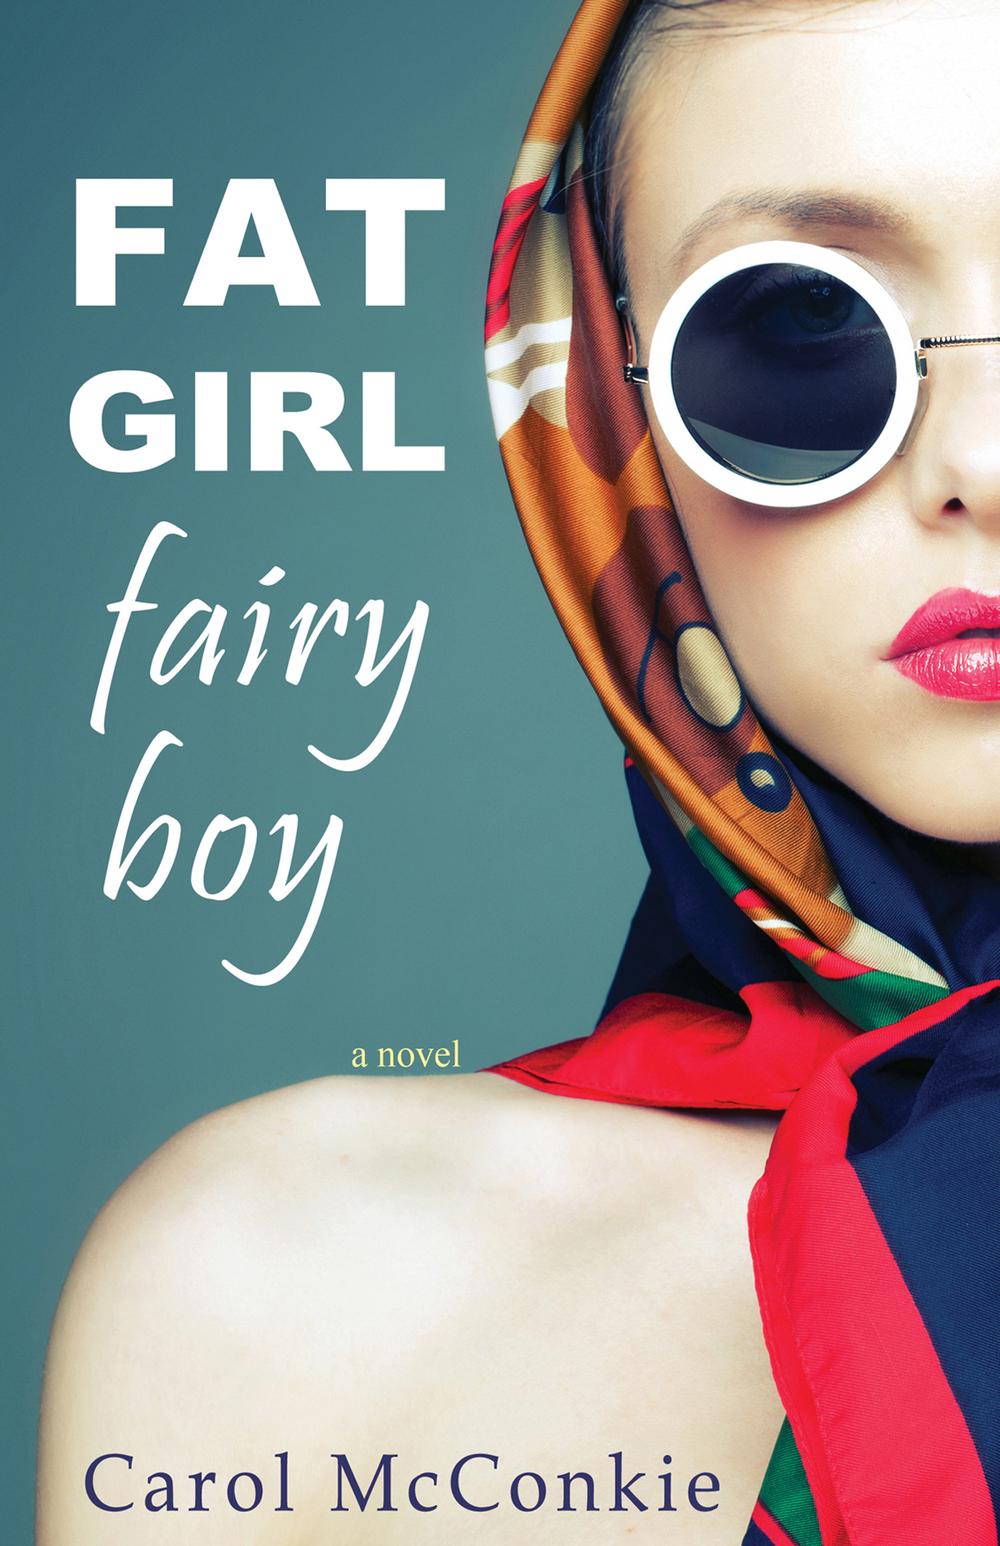 'Fat Girl Fairy Boy' by Carol McConkie